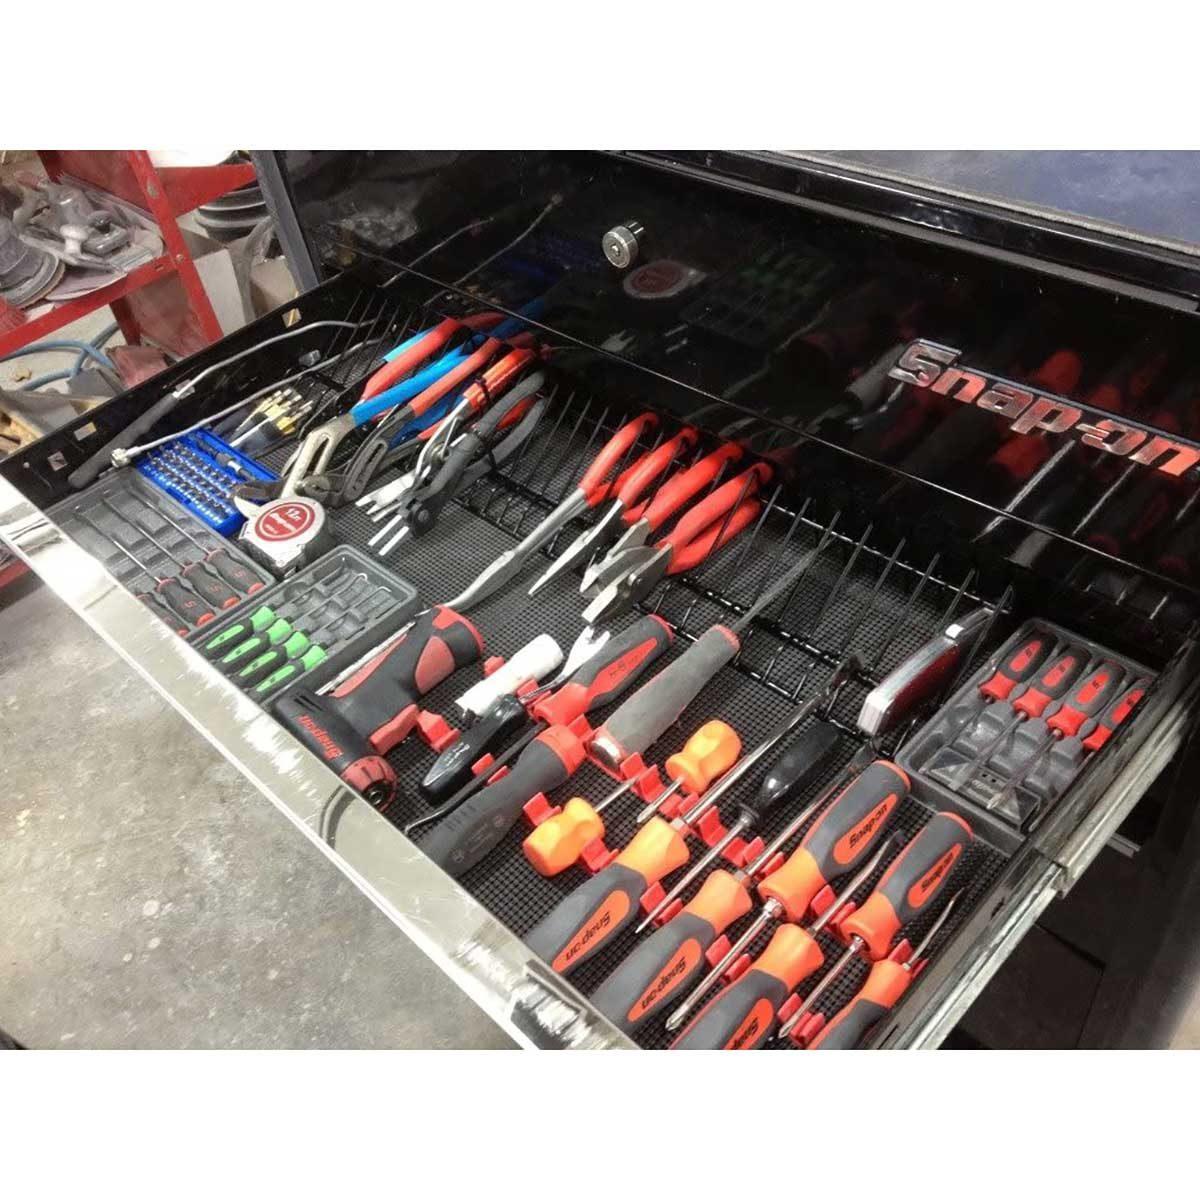 Tool drawer organizer